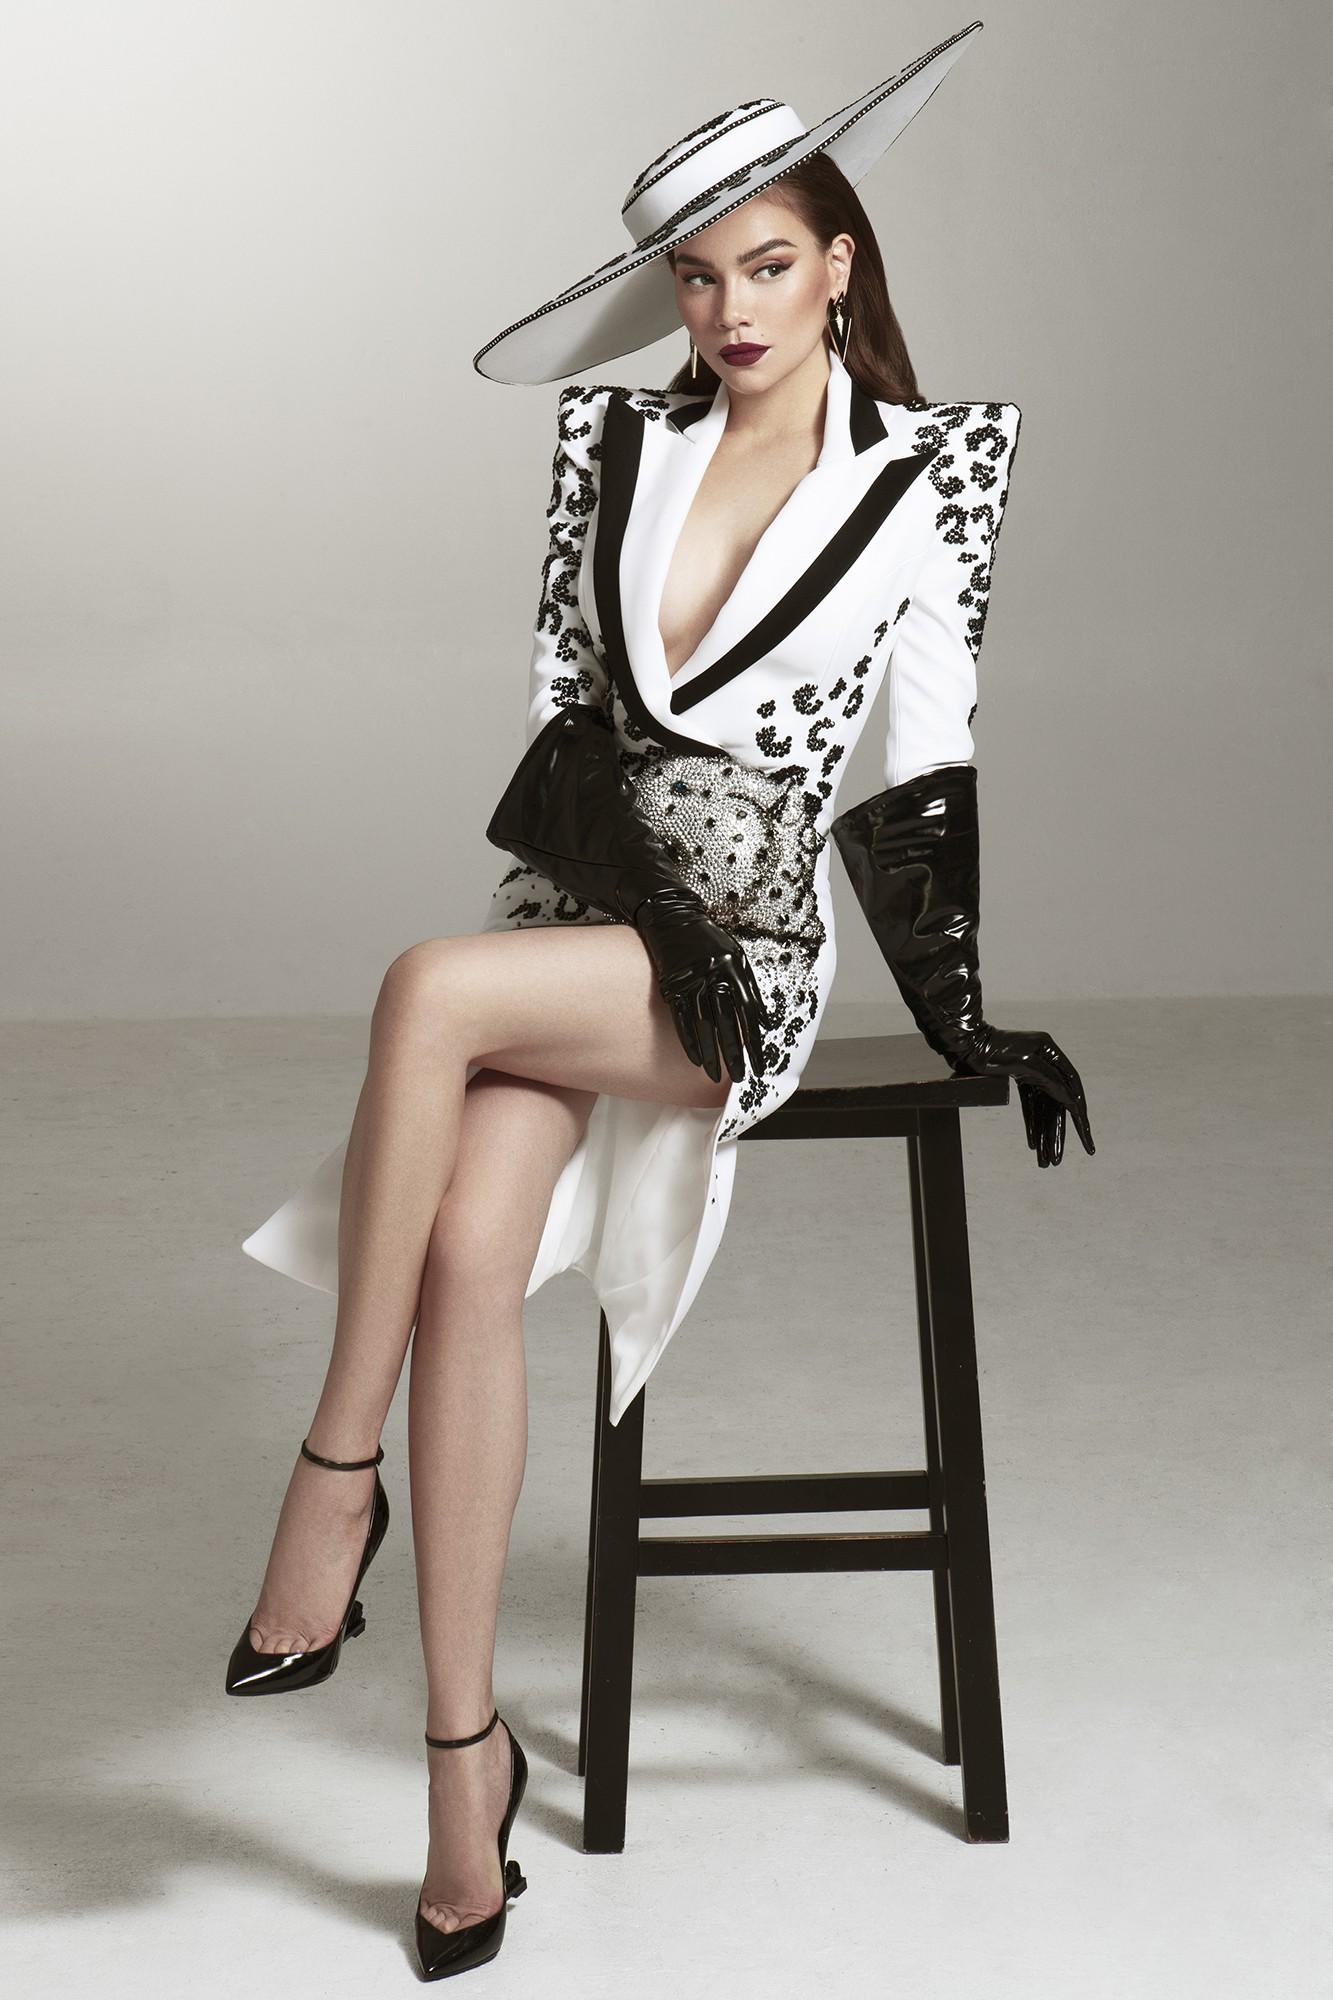 Hồ Ngọc Hà tung bộ hình sexy, hé lộ vai trò tại Asias Next Top Model - Ảnh 4.